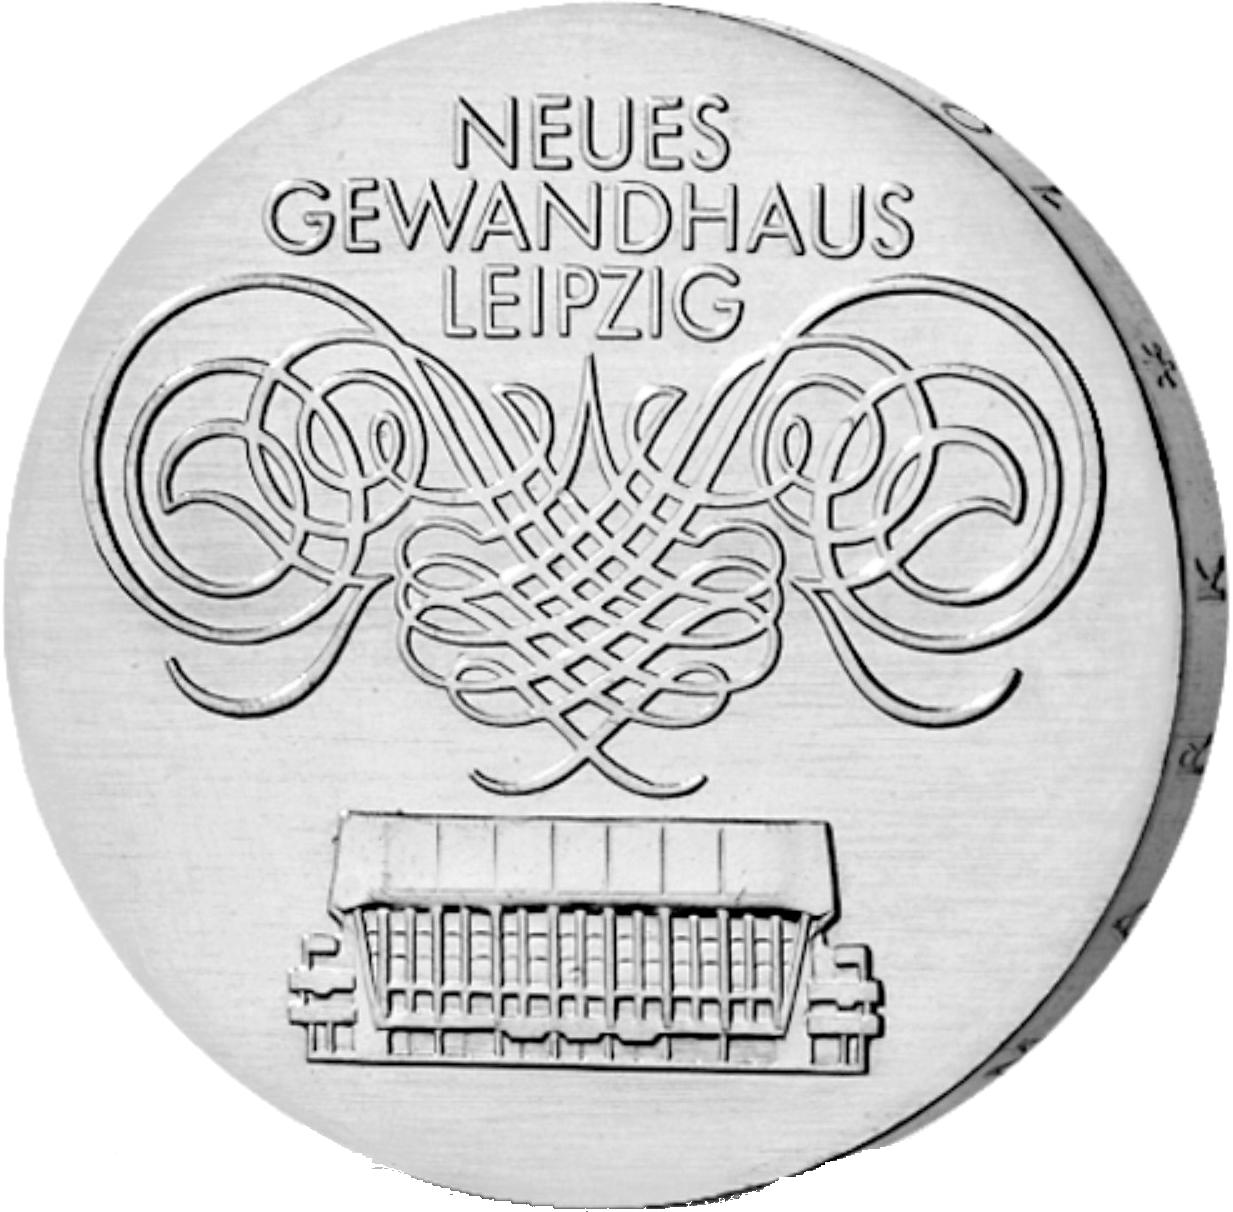 10 Mark Silber Münze Ddr Gewandhaus Leipzig 1982 Münzen Günstigerde